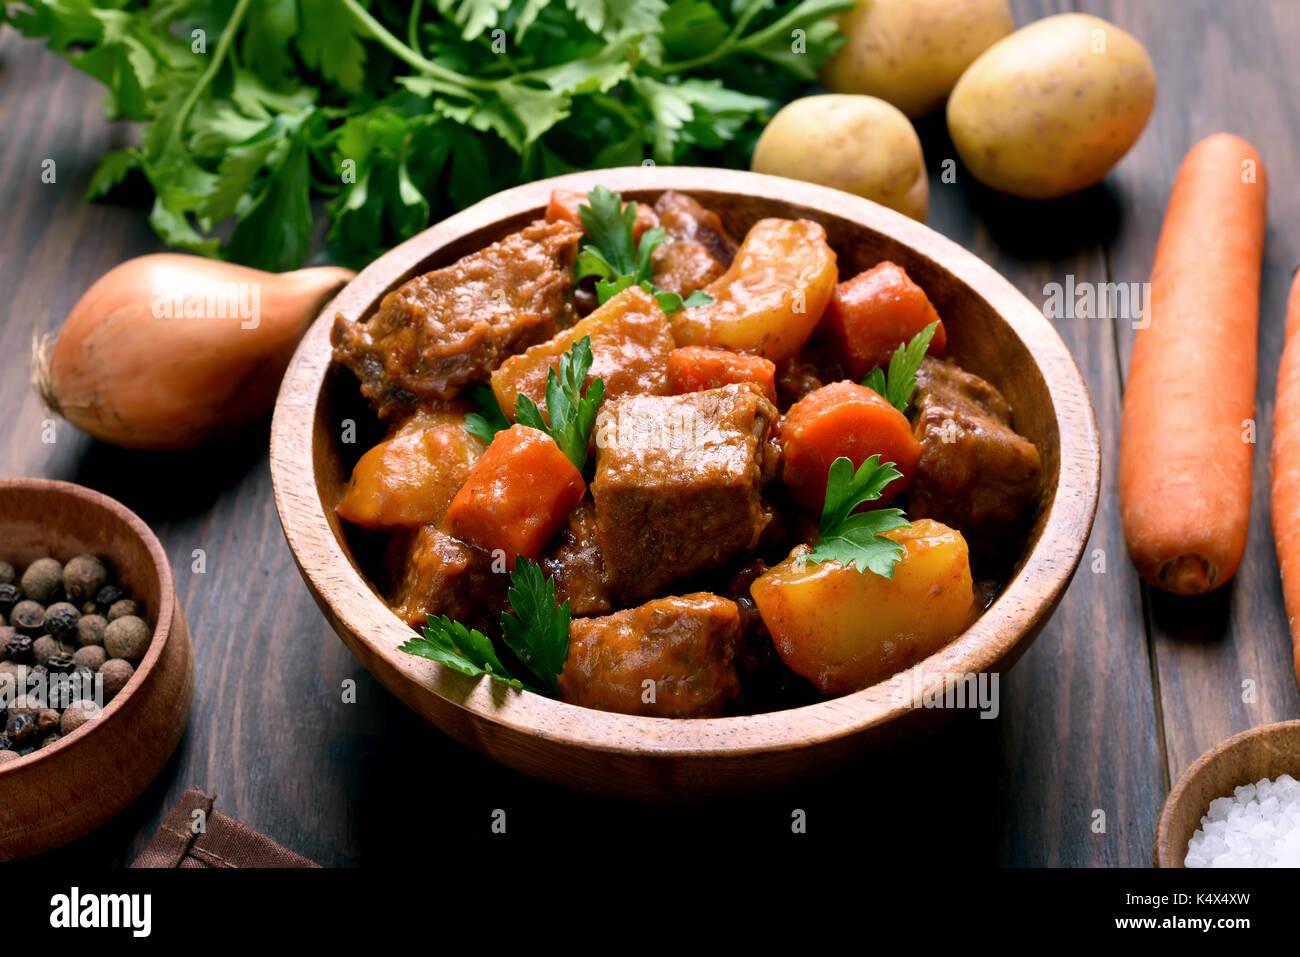 Piatto per la cena. spezzatino di carne con verdure nella ciotola di legno Immagini Stock